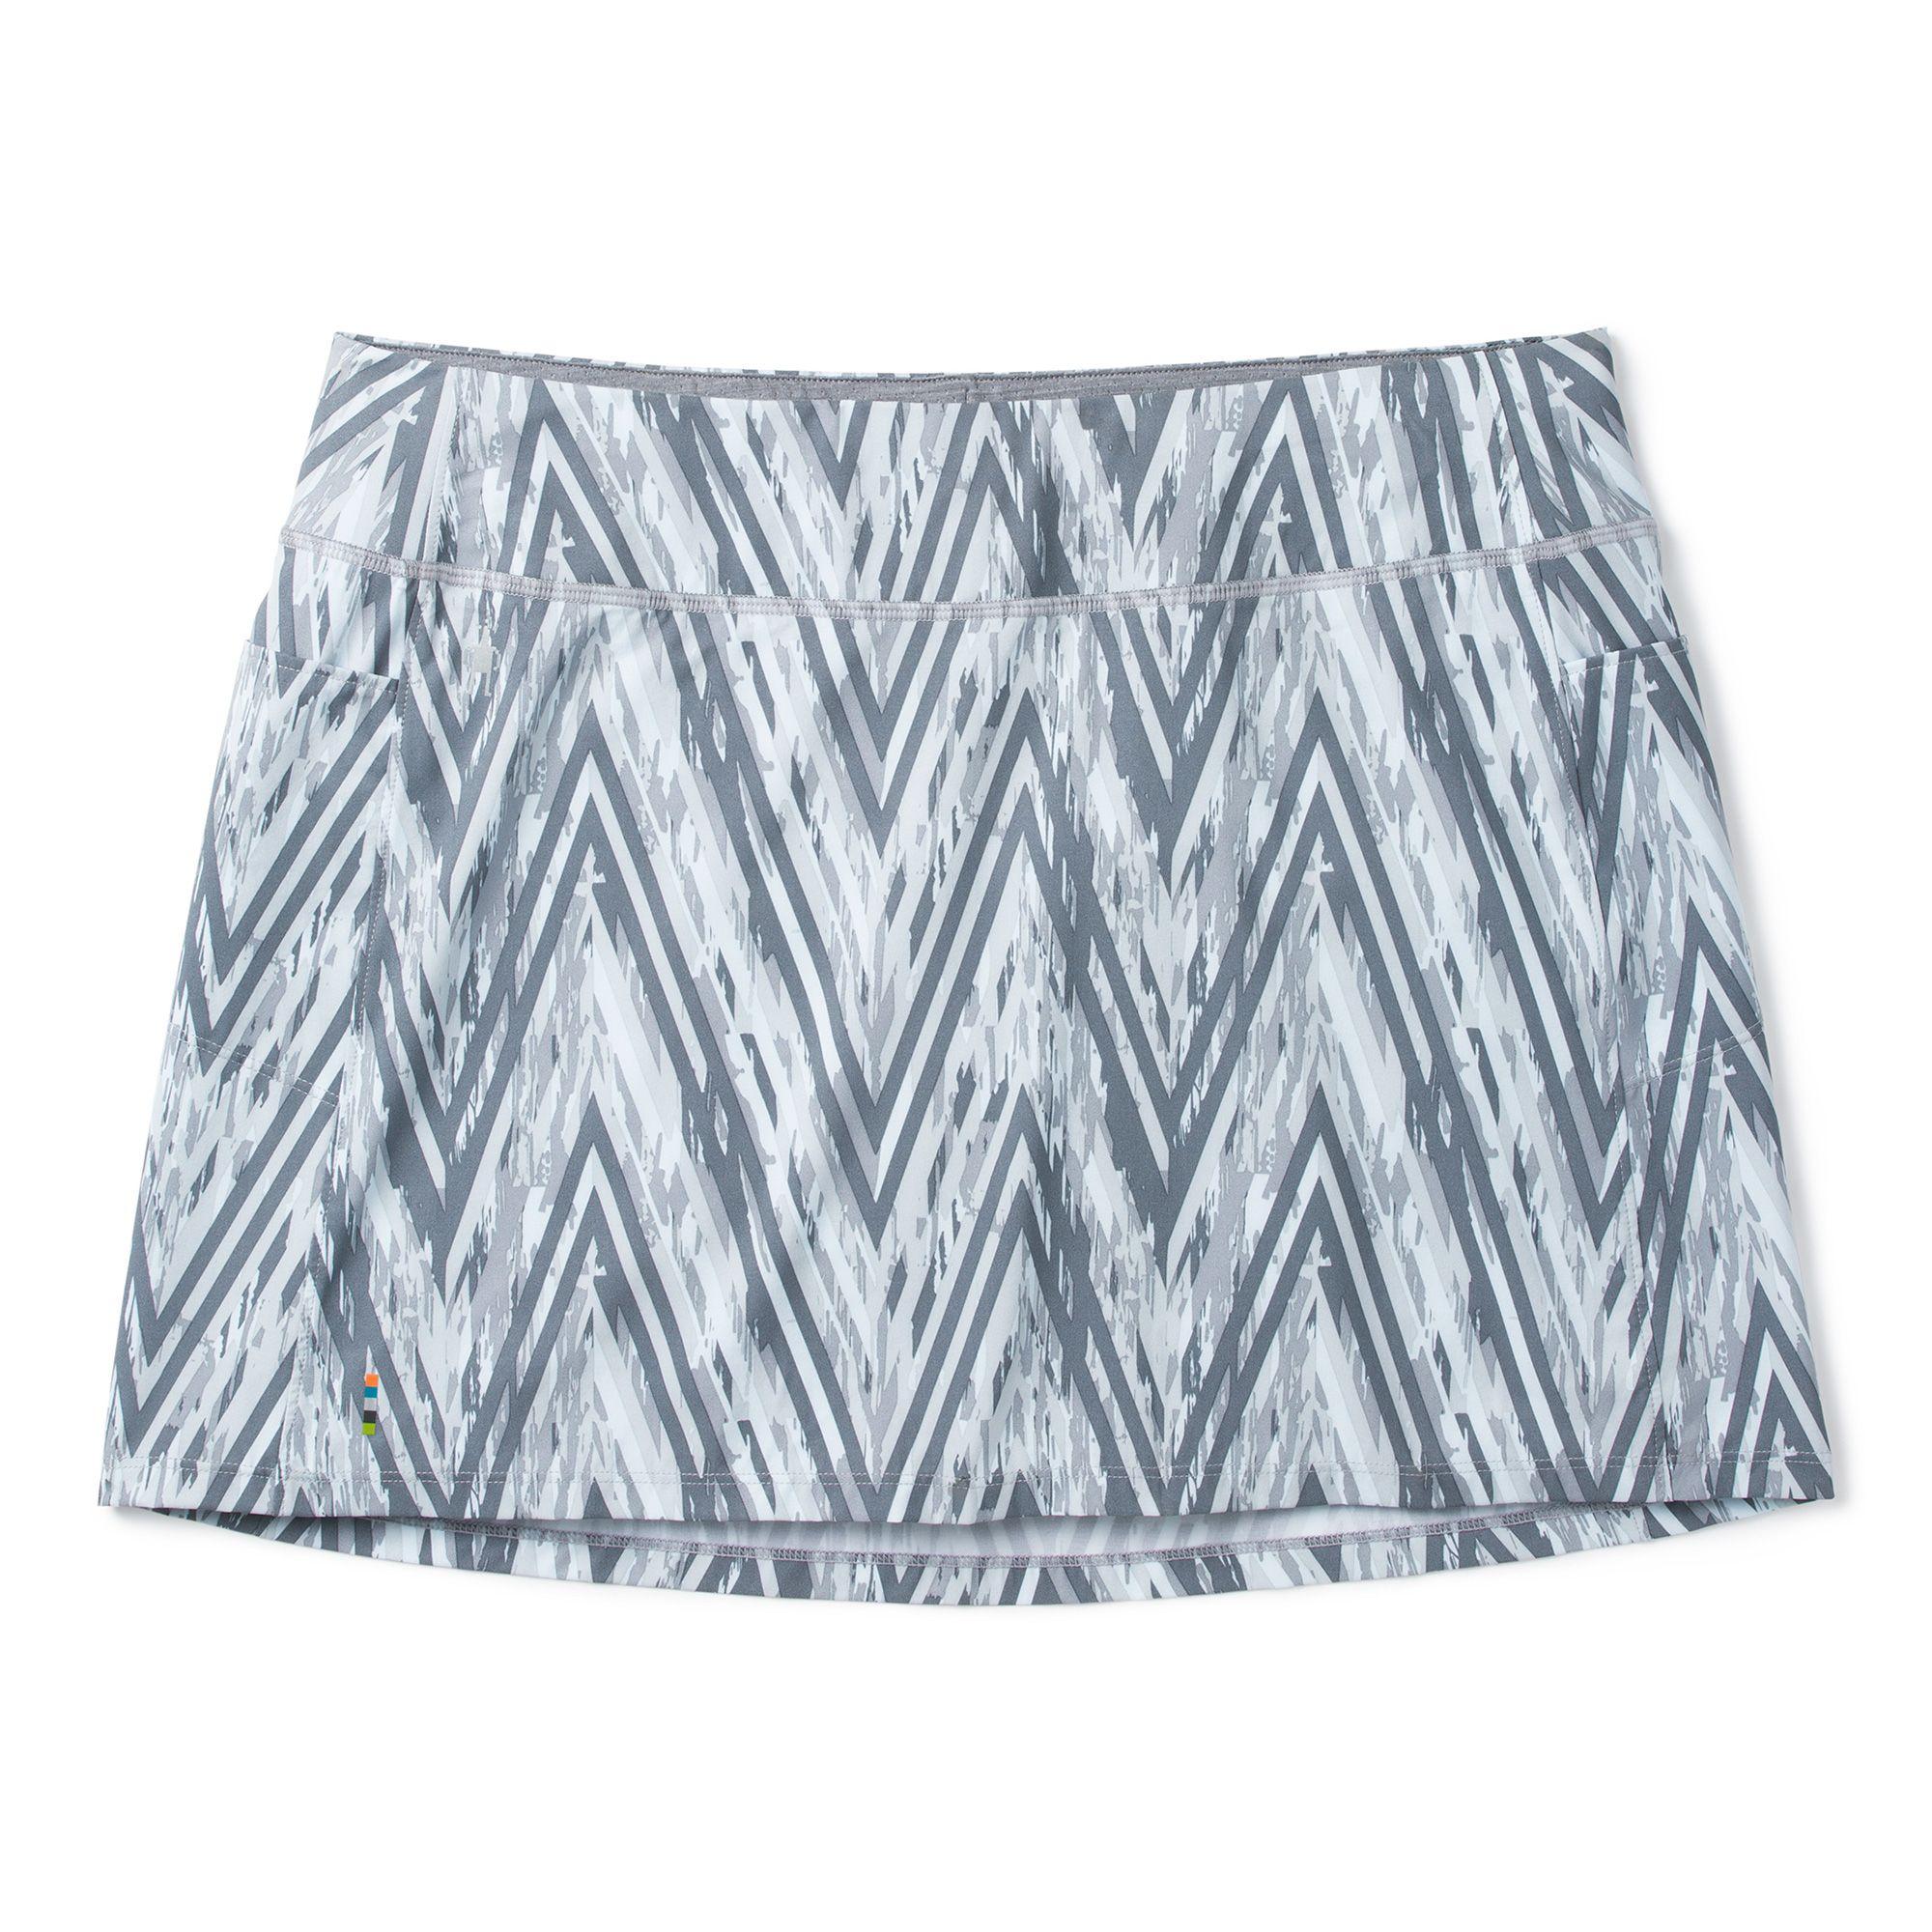 Women's Merino Sport Lined Skirt